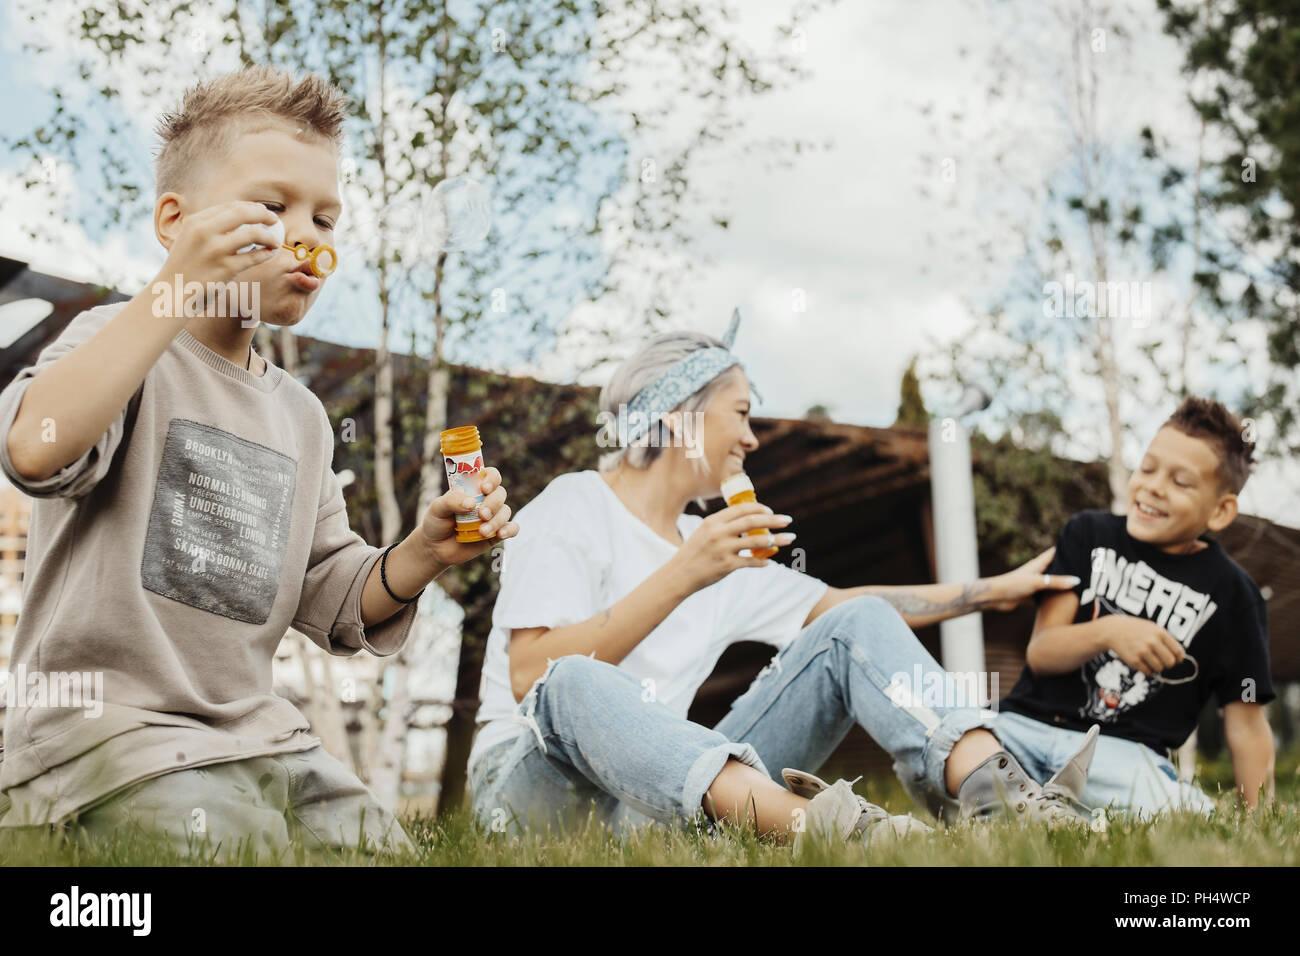 Cerca de la familia soplando burbujas al aire libre en el parque. Imagen De Stock